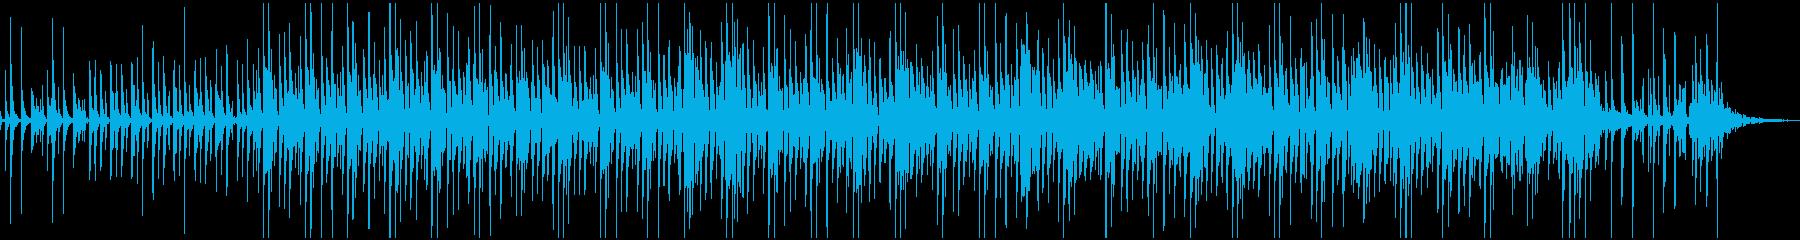 テンポの良い陽気な南国レゲエサウンドの再生済みの波形